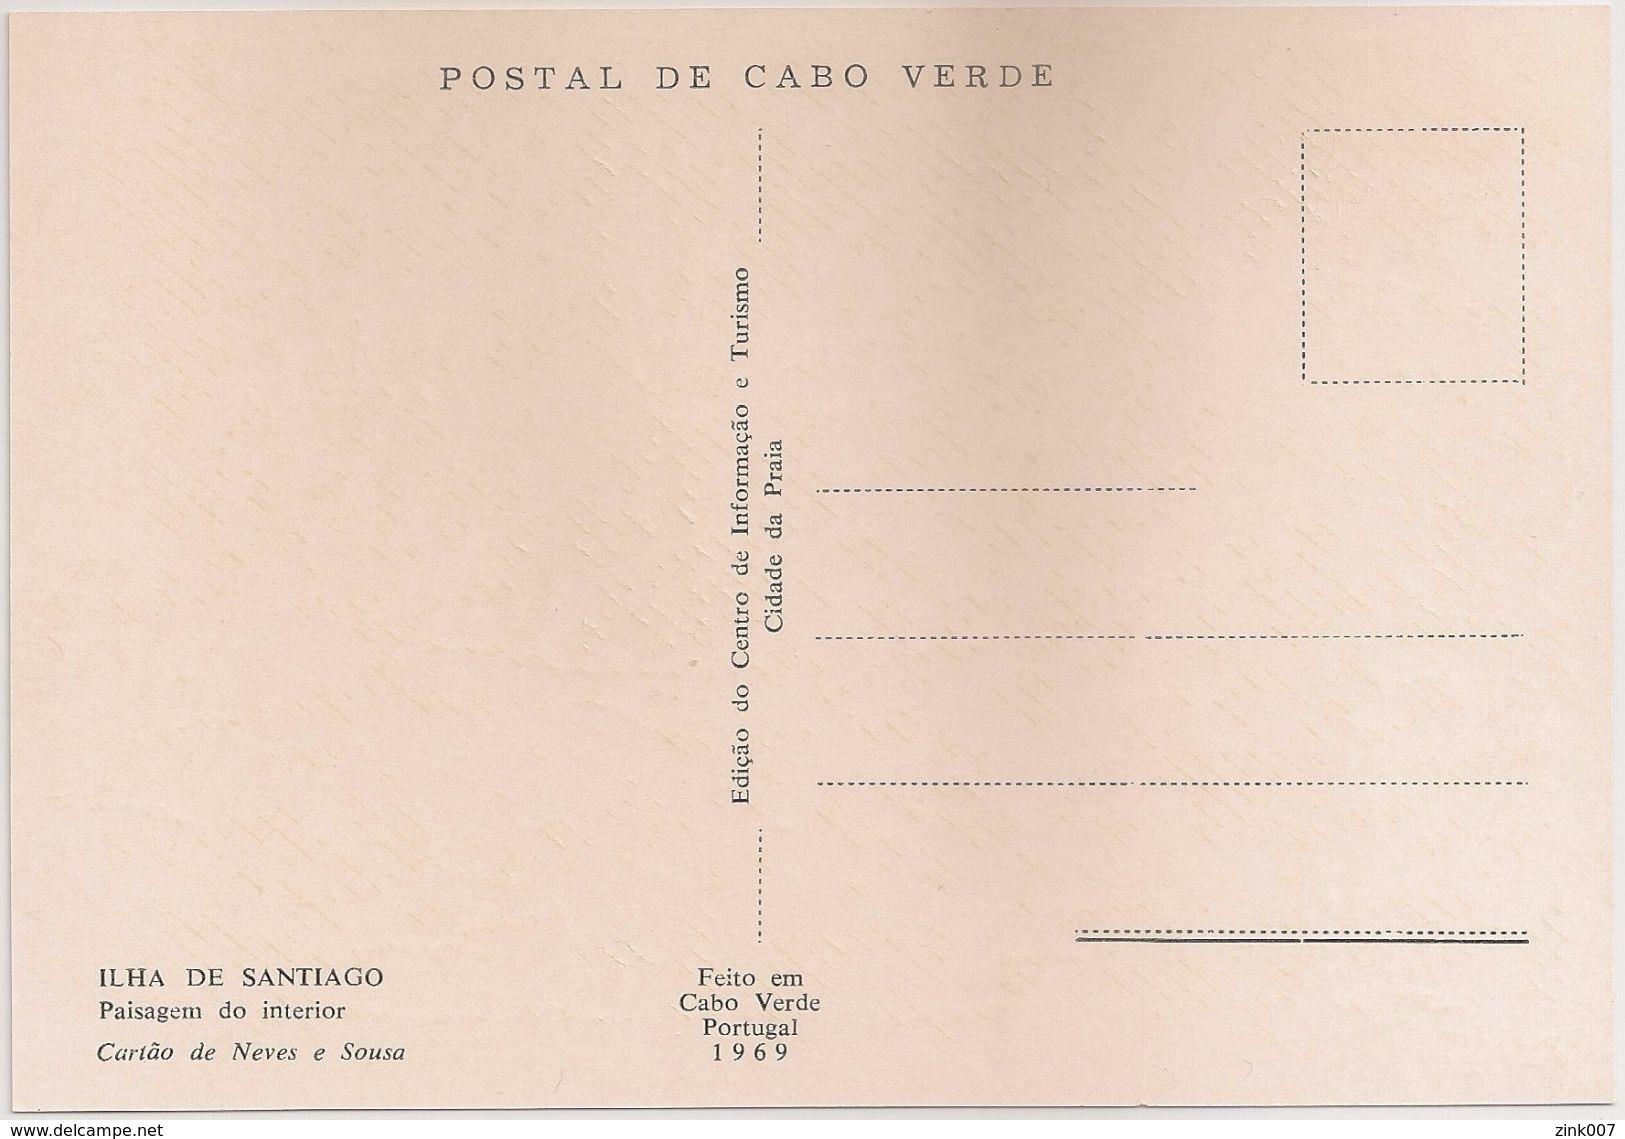 Postal Cabo Verde - Cape Verde - Ilha De Santiago - Paisagem Do Interior - Carte Postale - Postcard - Cap Vert